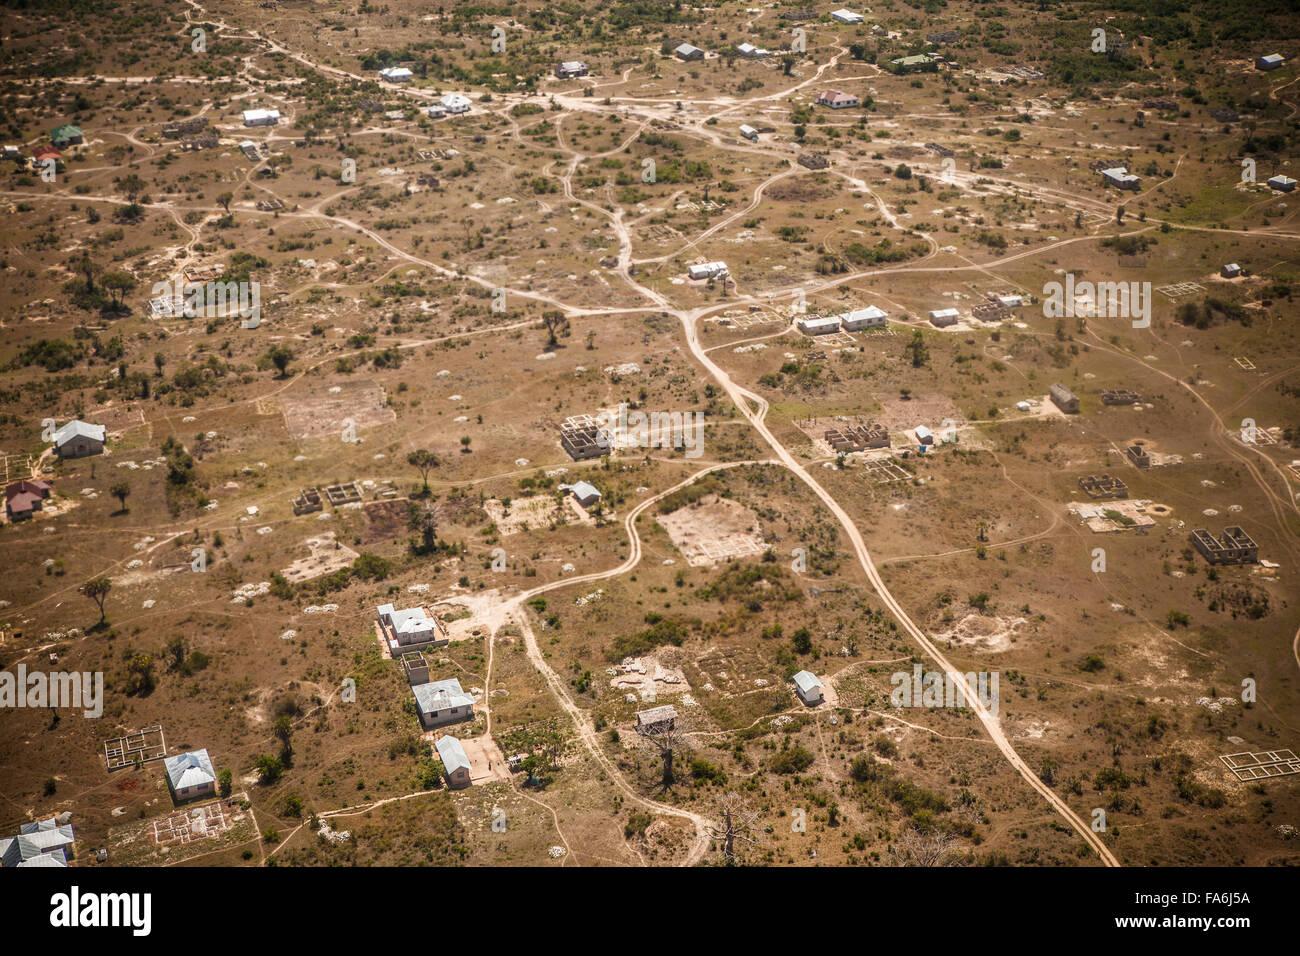 Molte strade attraverso la Tanzania mancano ancora di marciapiede, come tali al di fuori Tanga. Immagini Stock